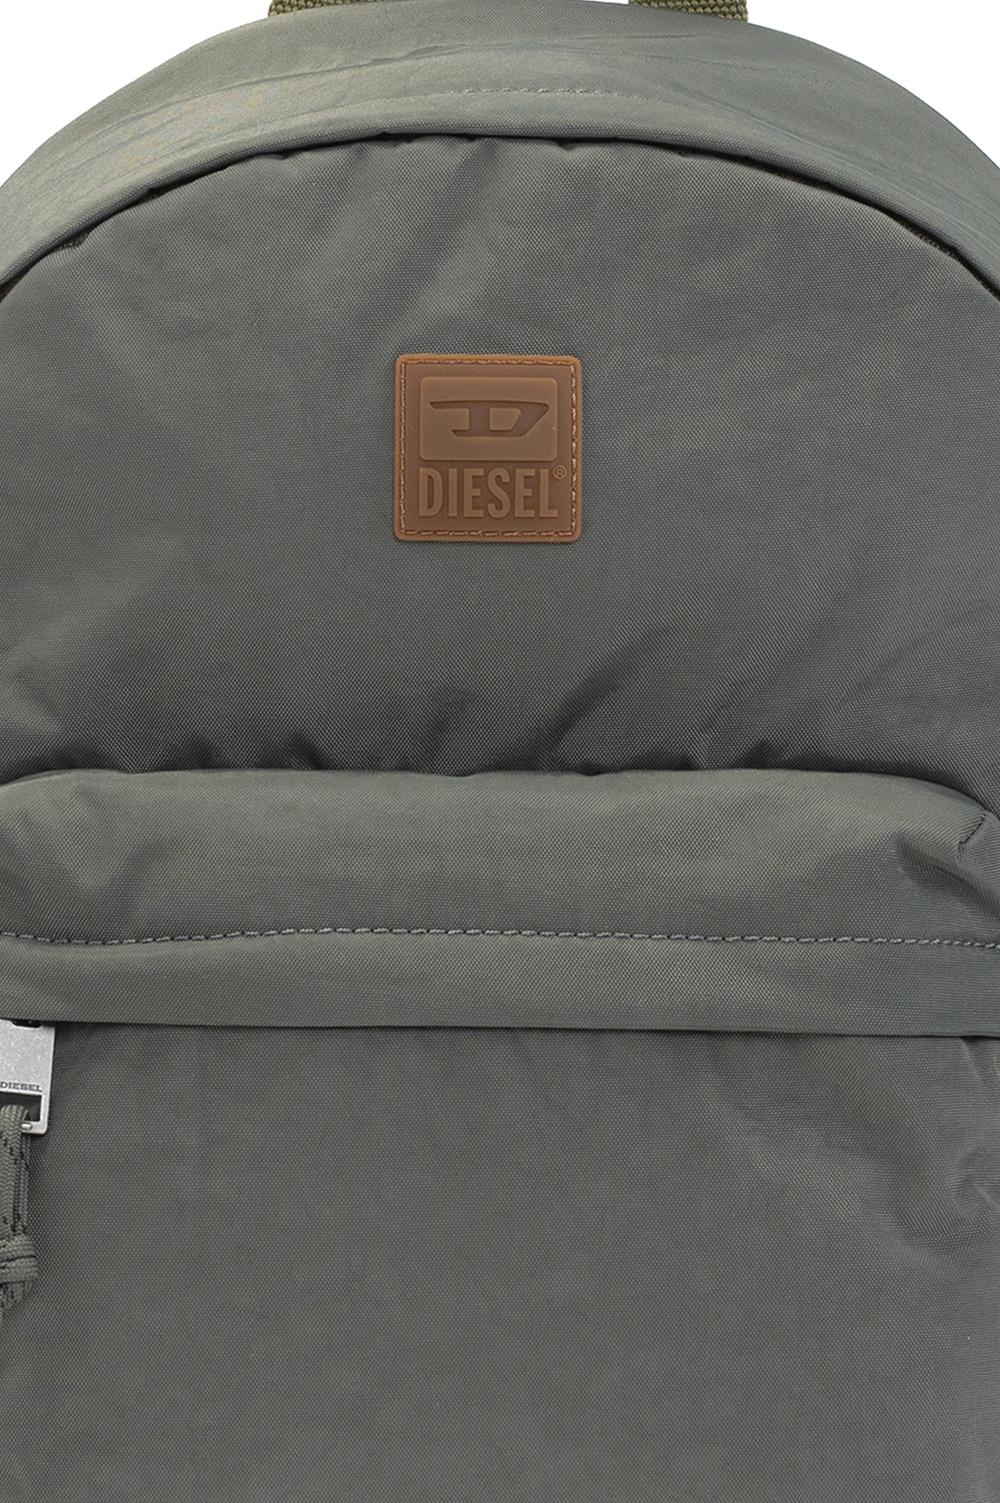 Diesel Violano背包